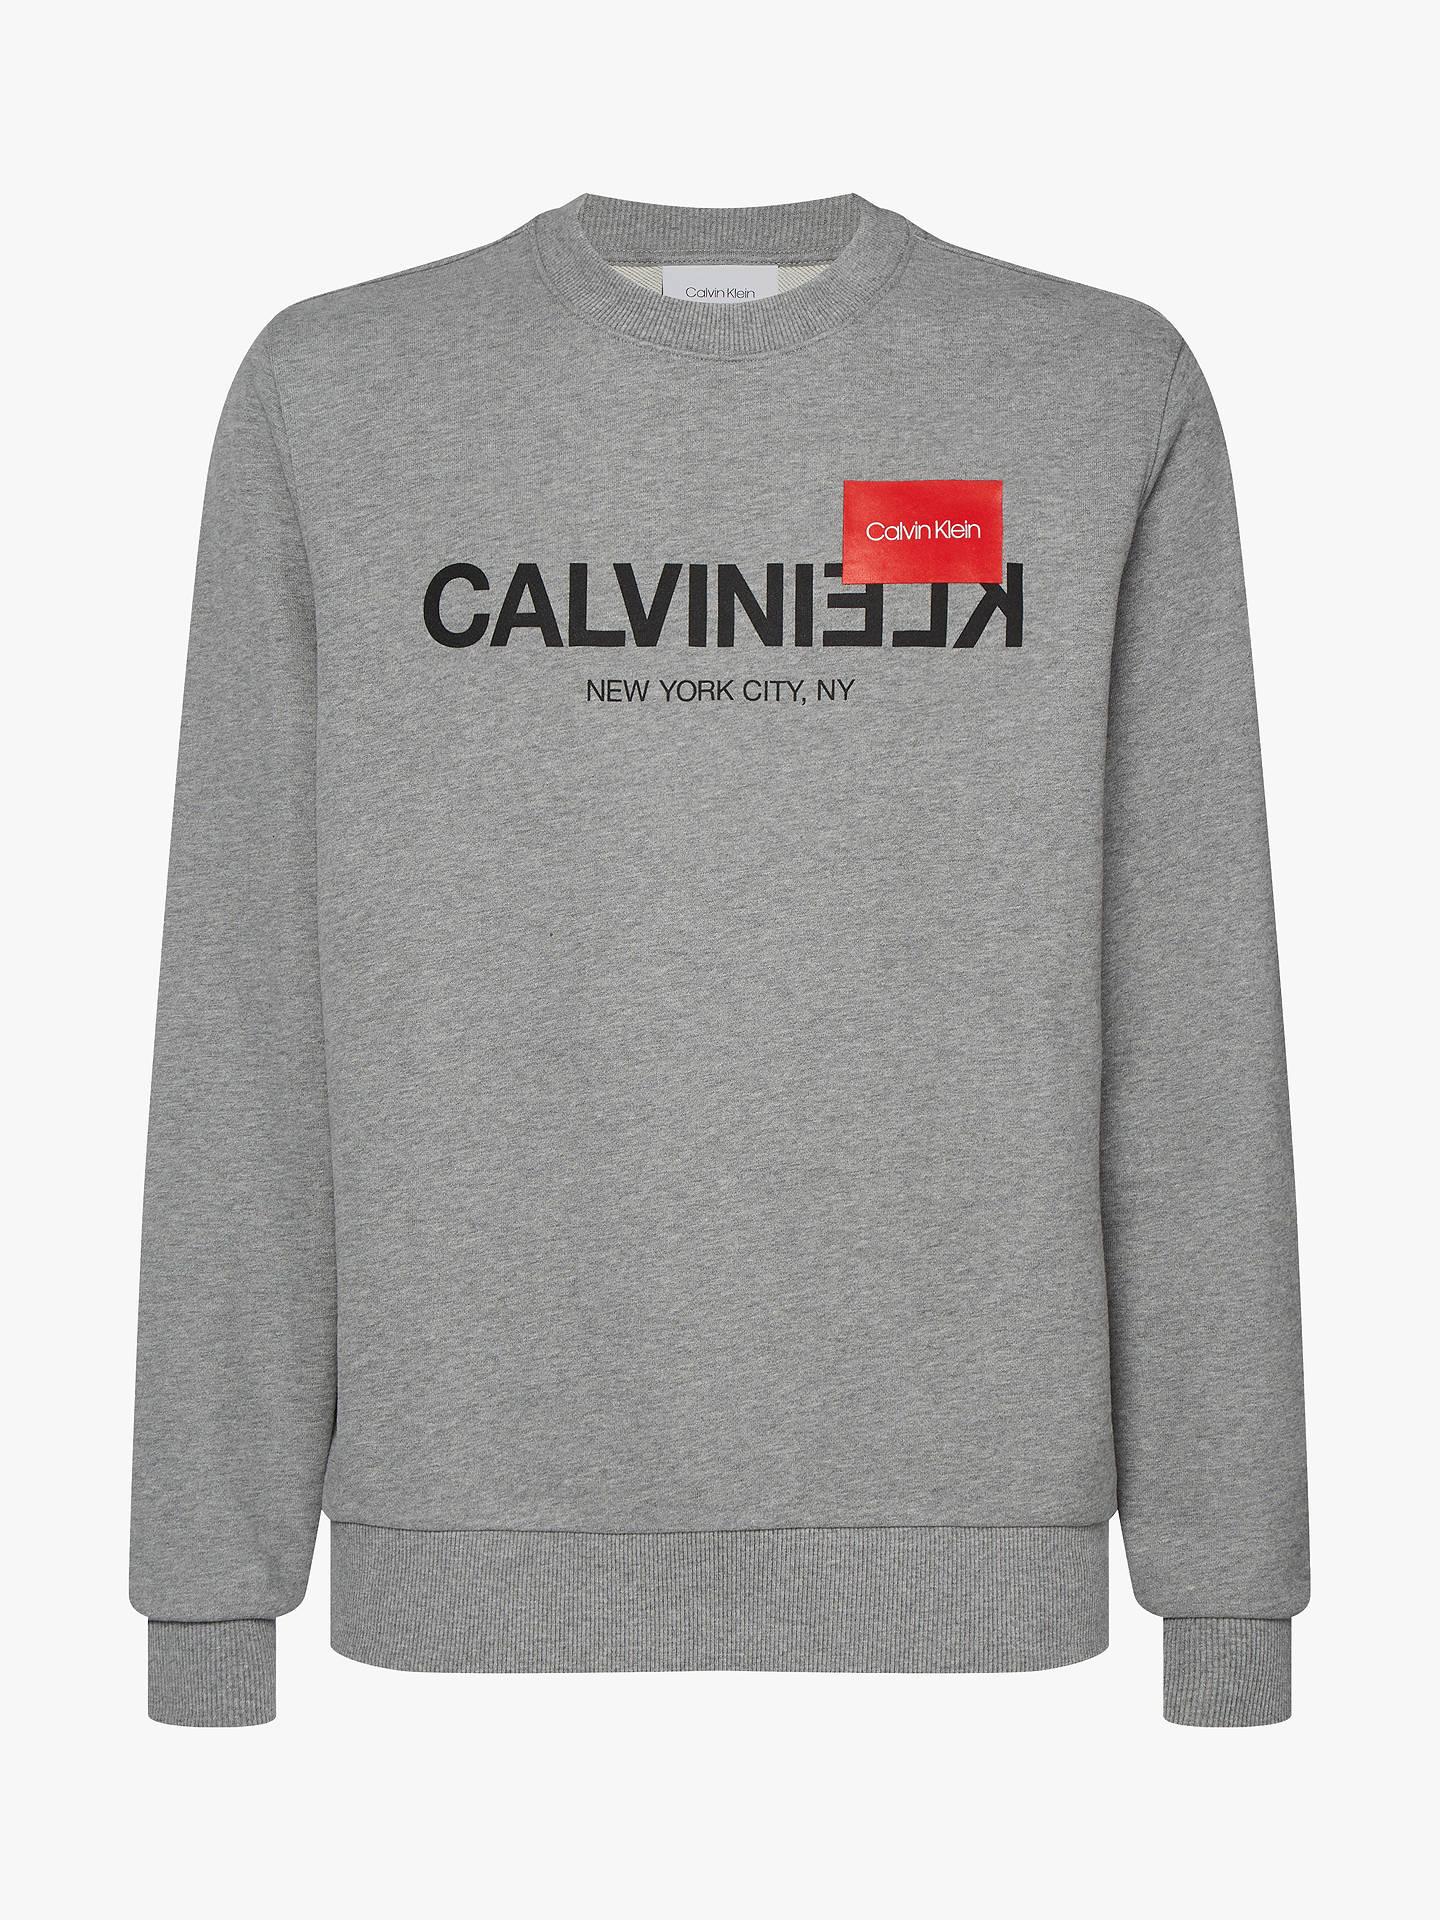 calvin klein sweatshirt reverse text